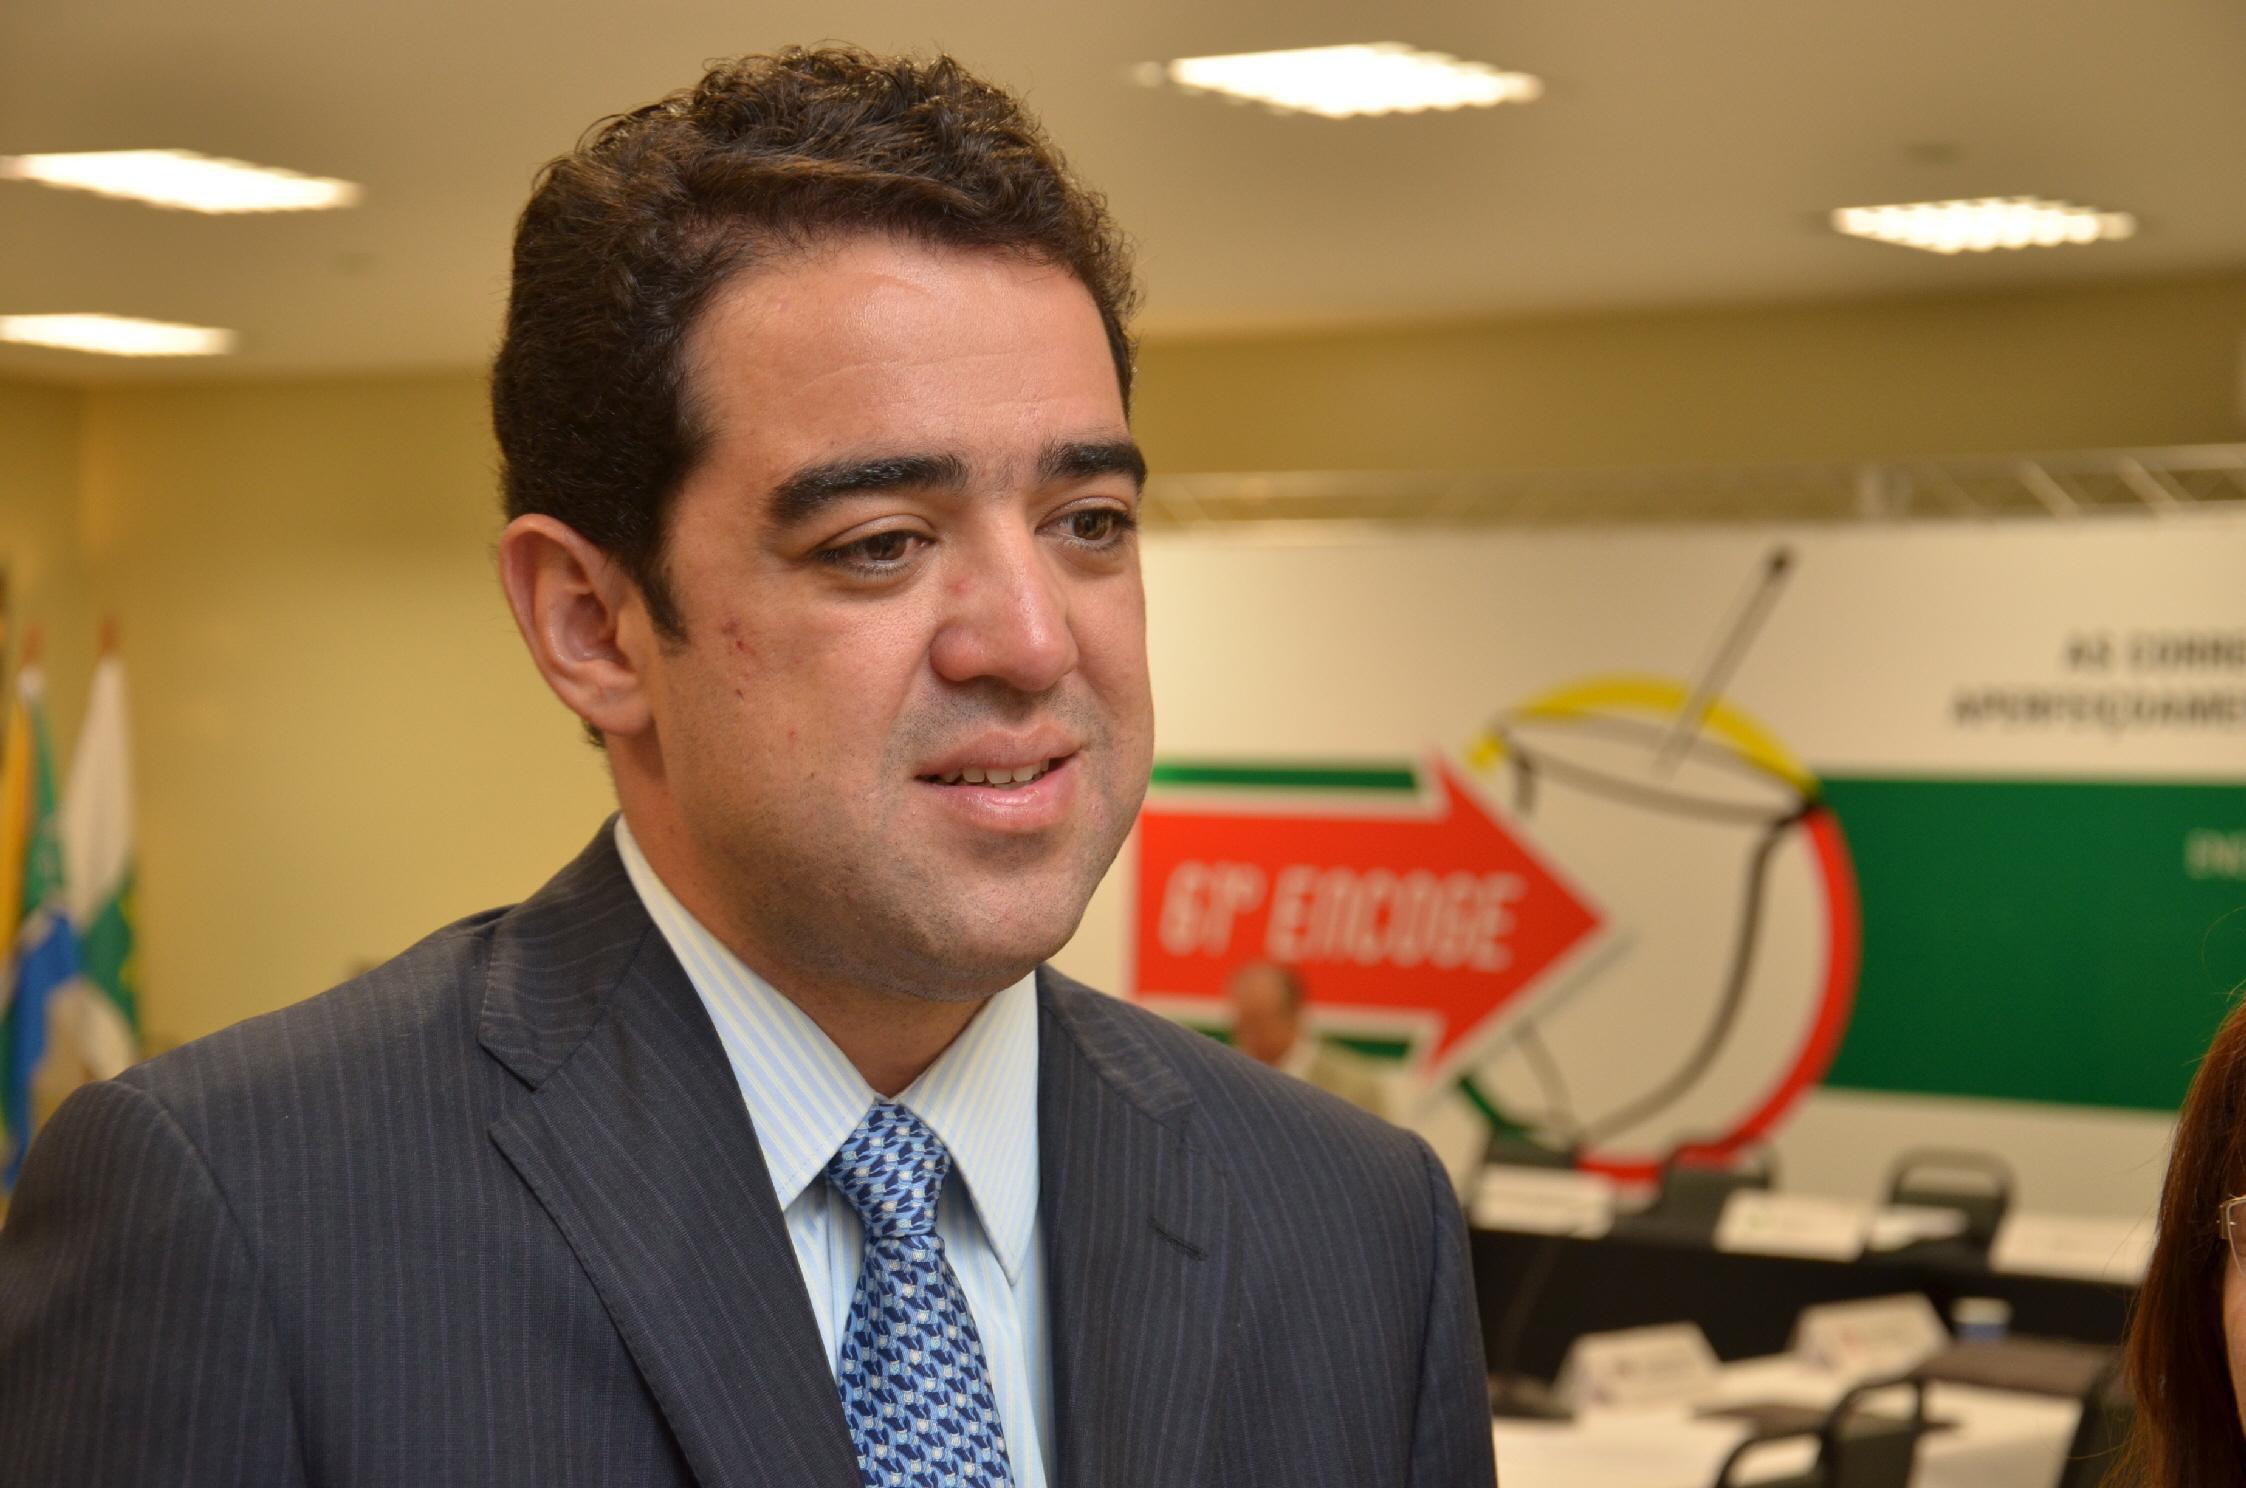 Ministro do TCU suspende ampliação do BPC votada pelo Congresso